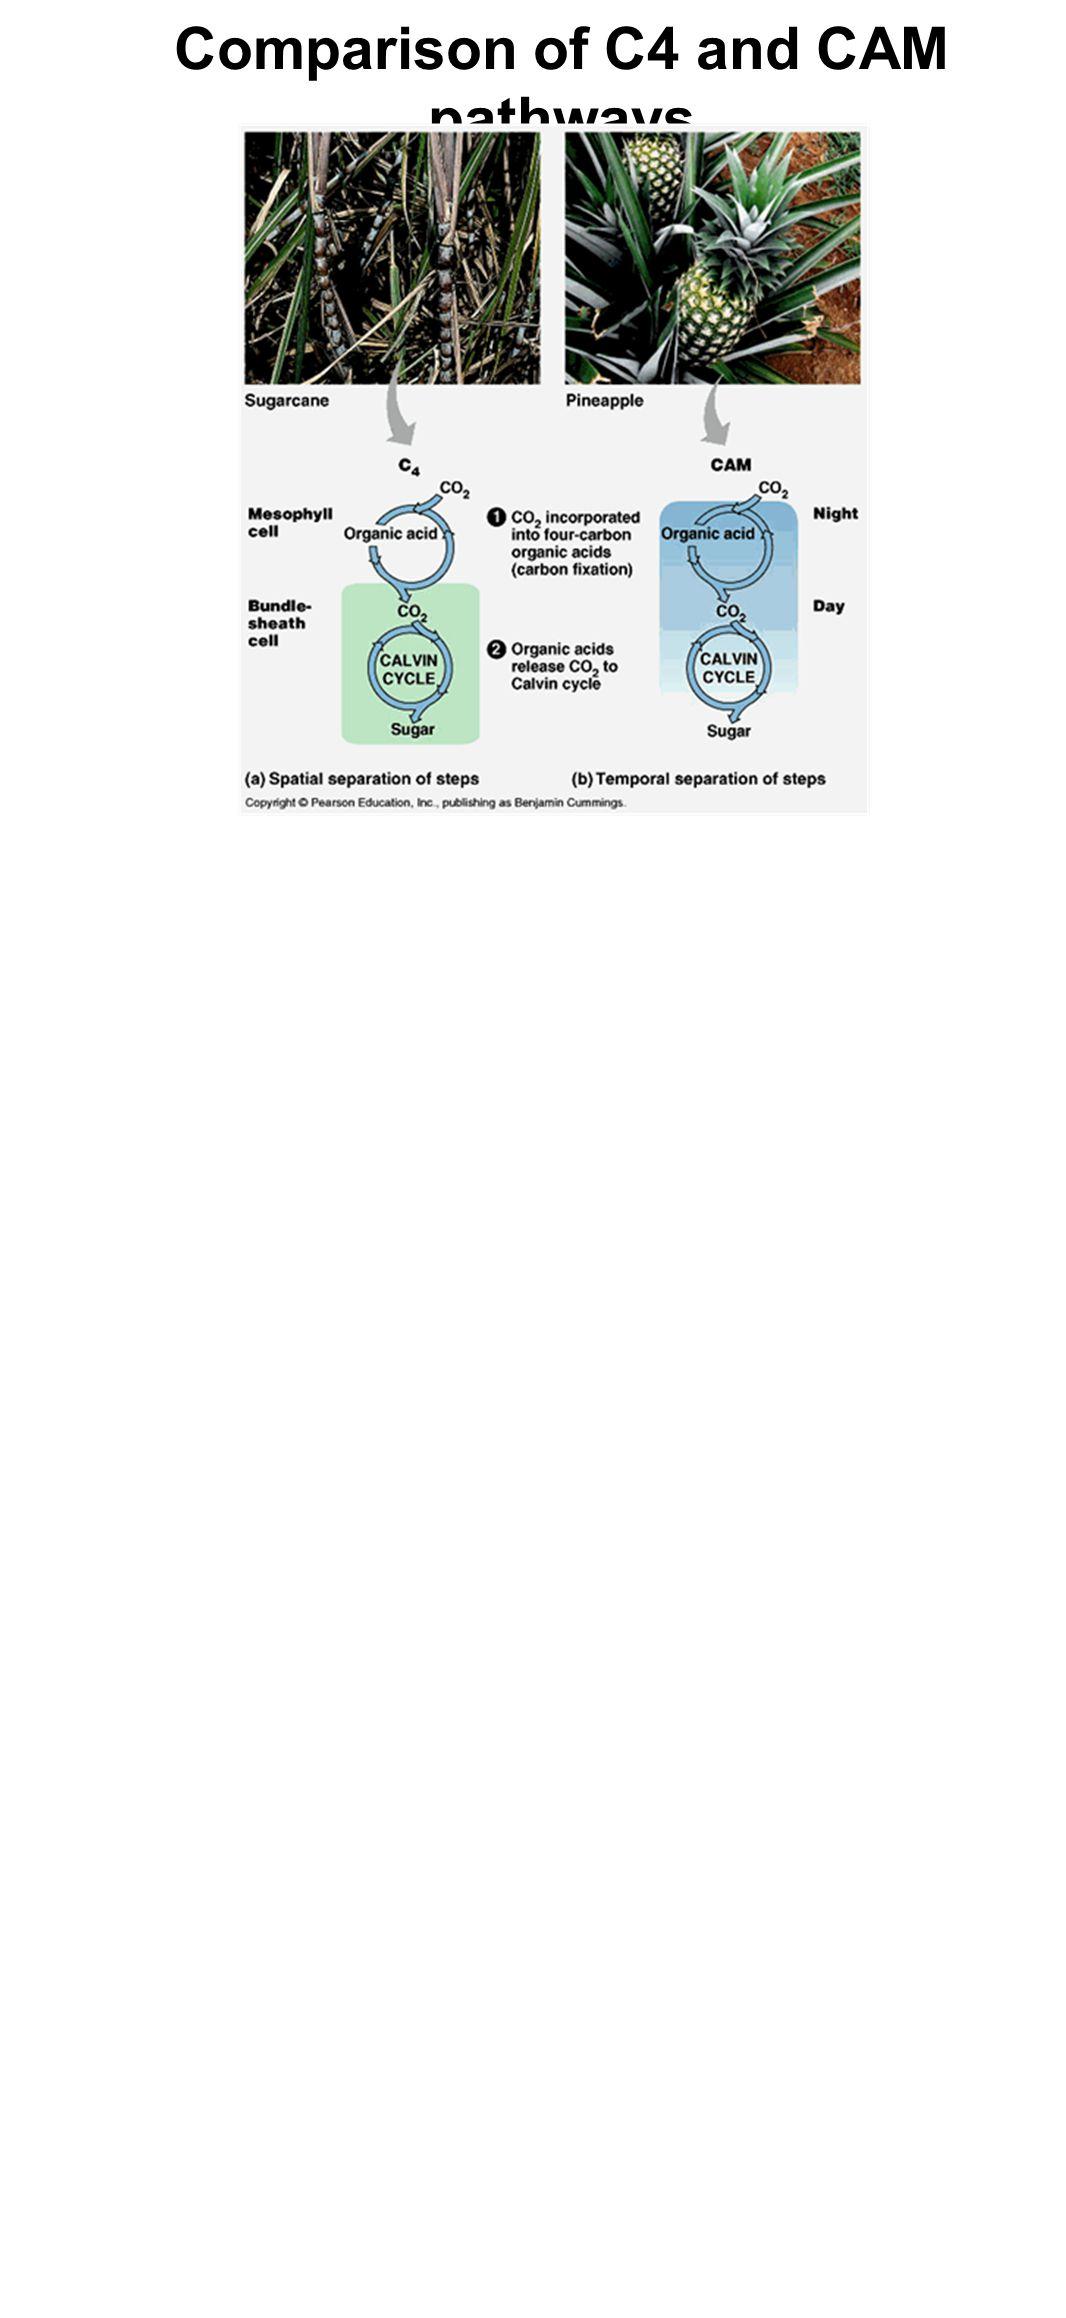 Comparison of C4 and CAM pathways